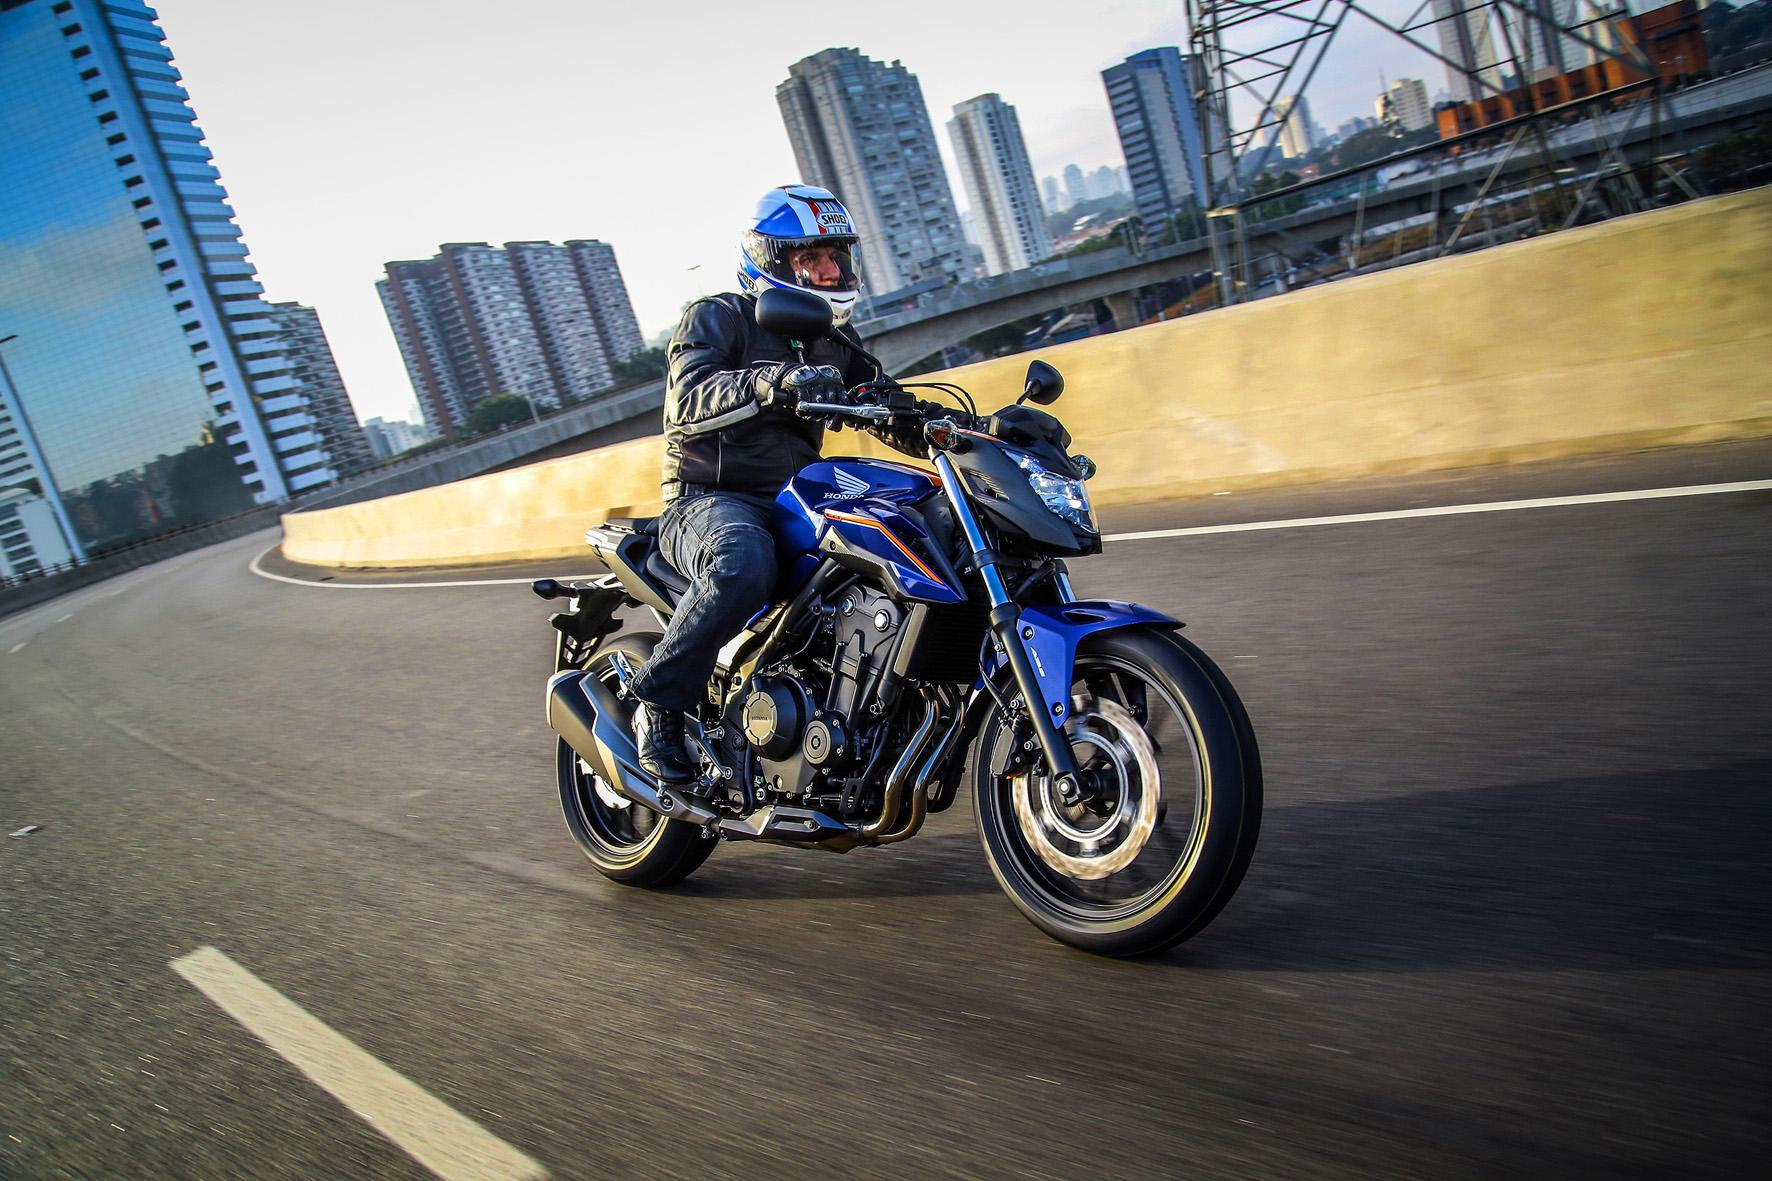 Conforto e suavidade na pilotagem são características da Honda CB 500 F